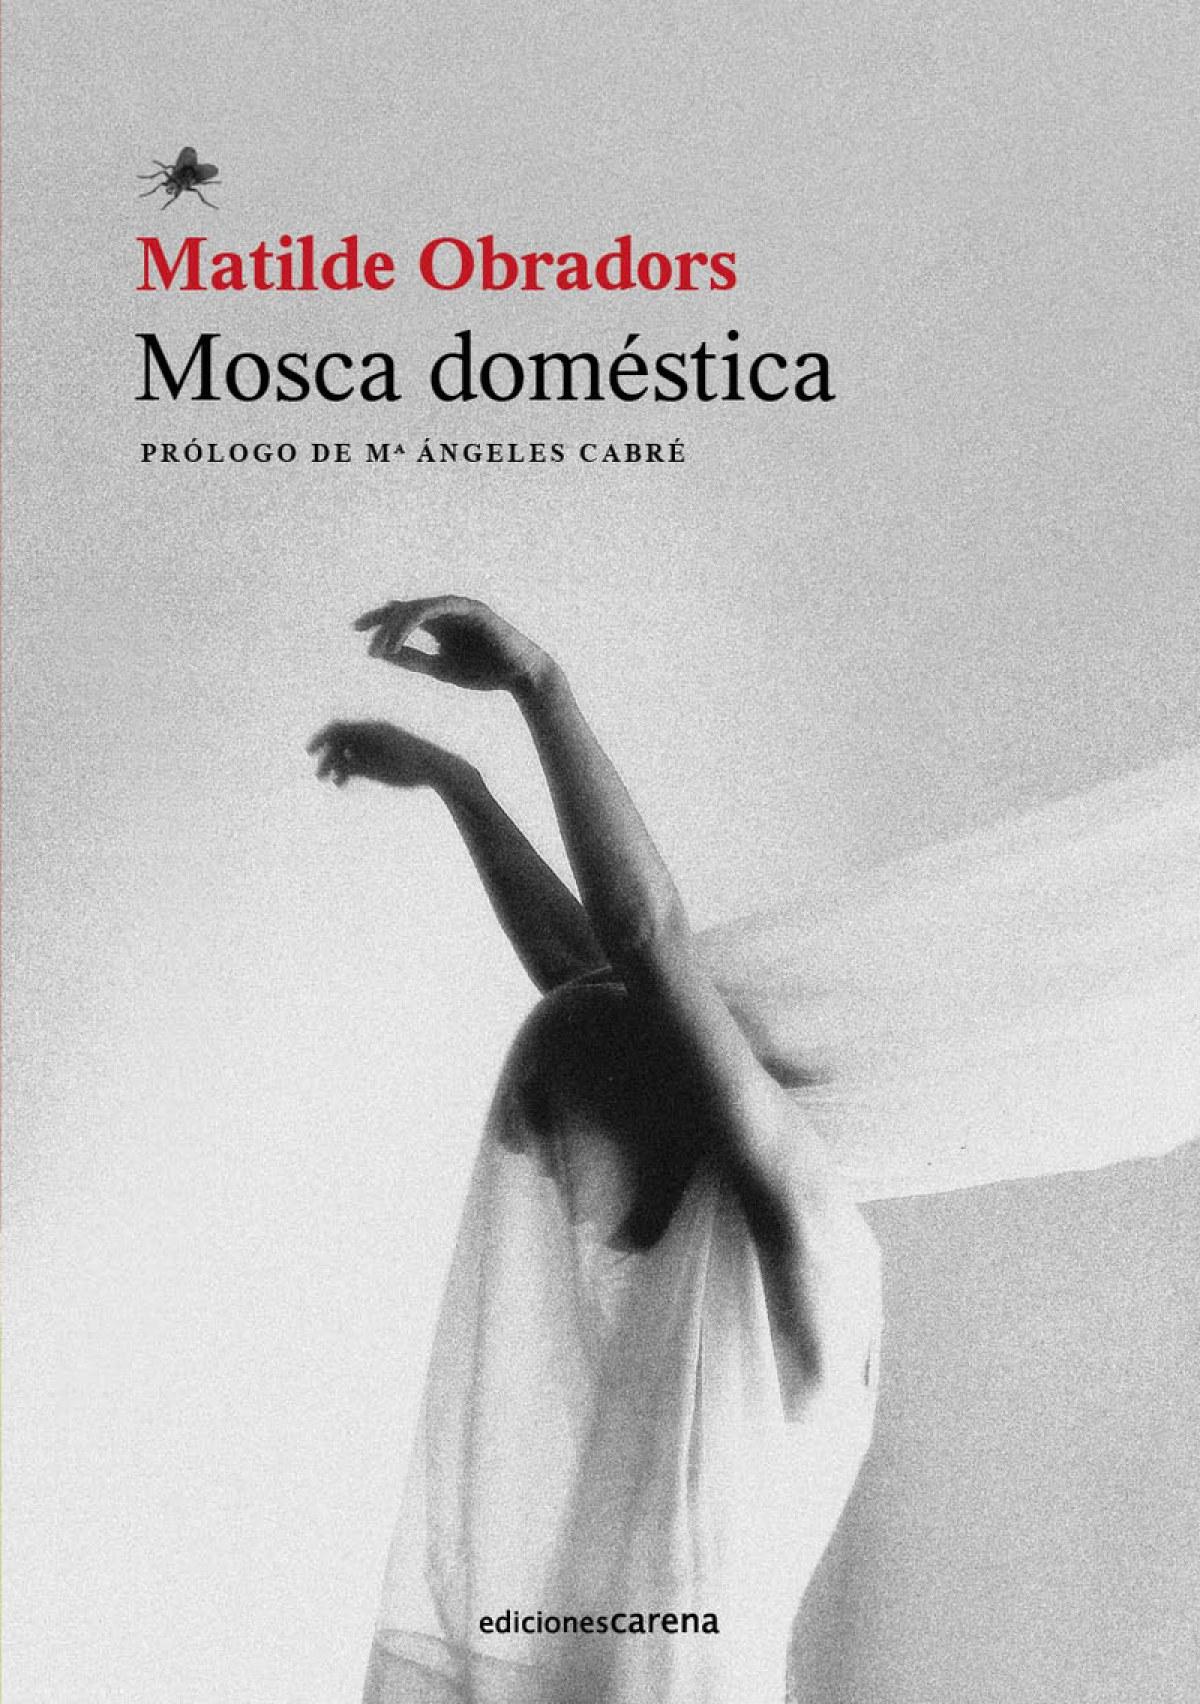 Mosca doméstica 9788417852658